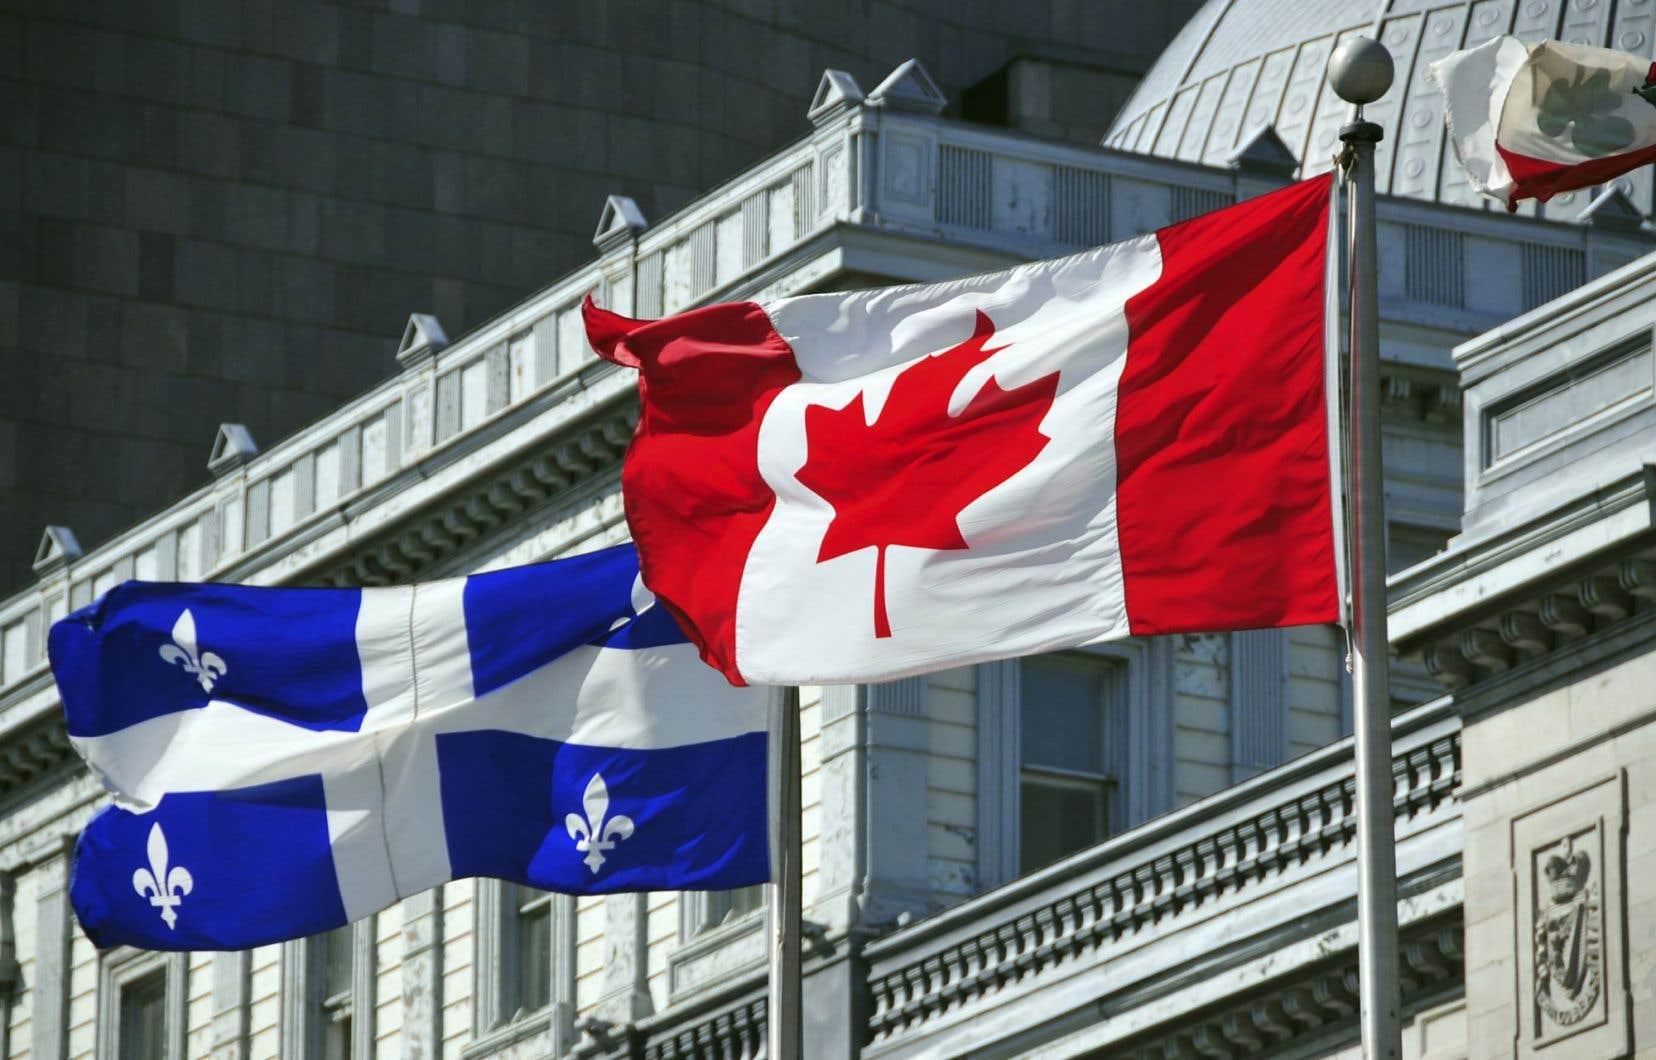 Le projet d'indépendance du Québec représente essentiellement la volonté que les Québécois gèrent eux-mêmes ce qui relève actuellement de la juridiction fédérale.